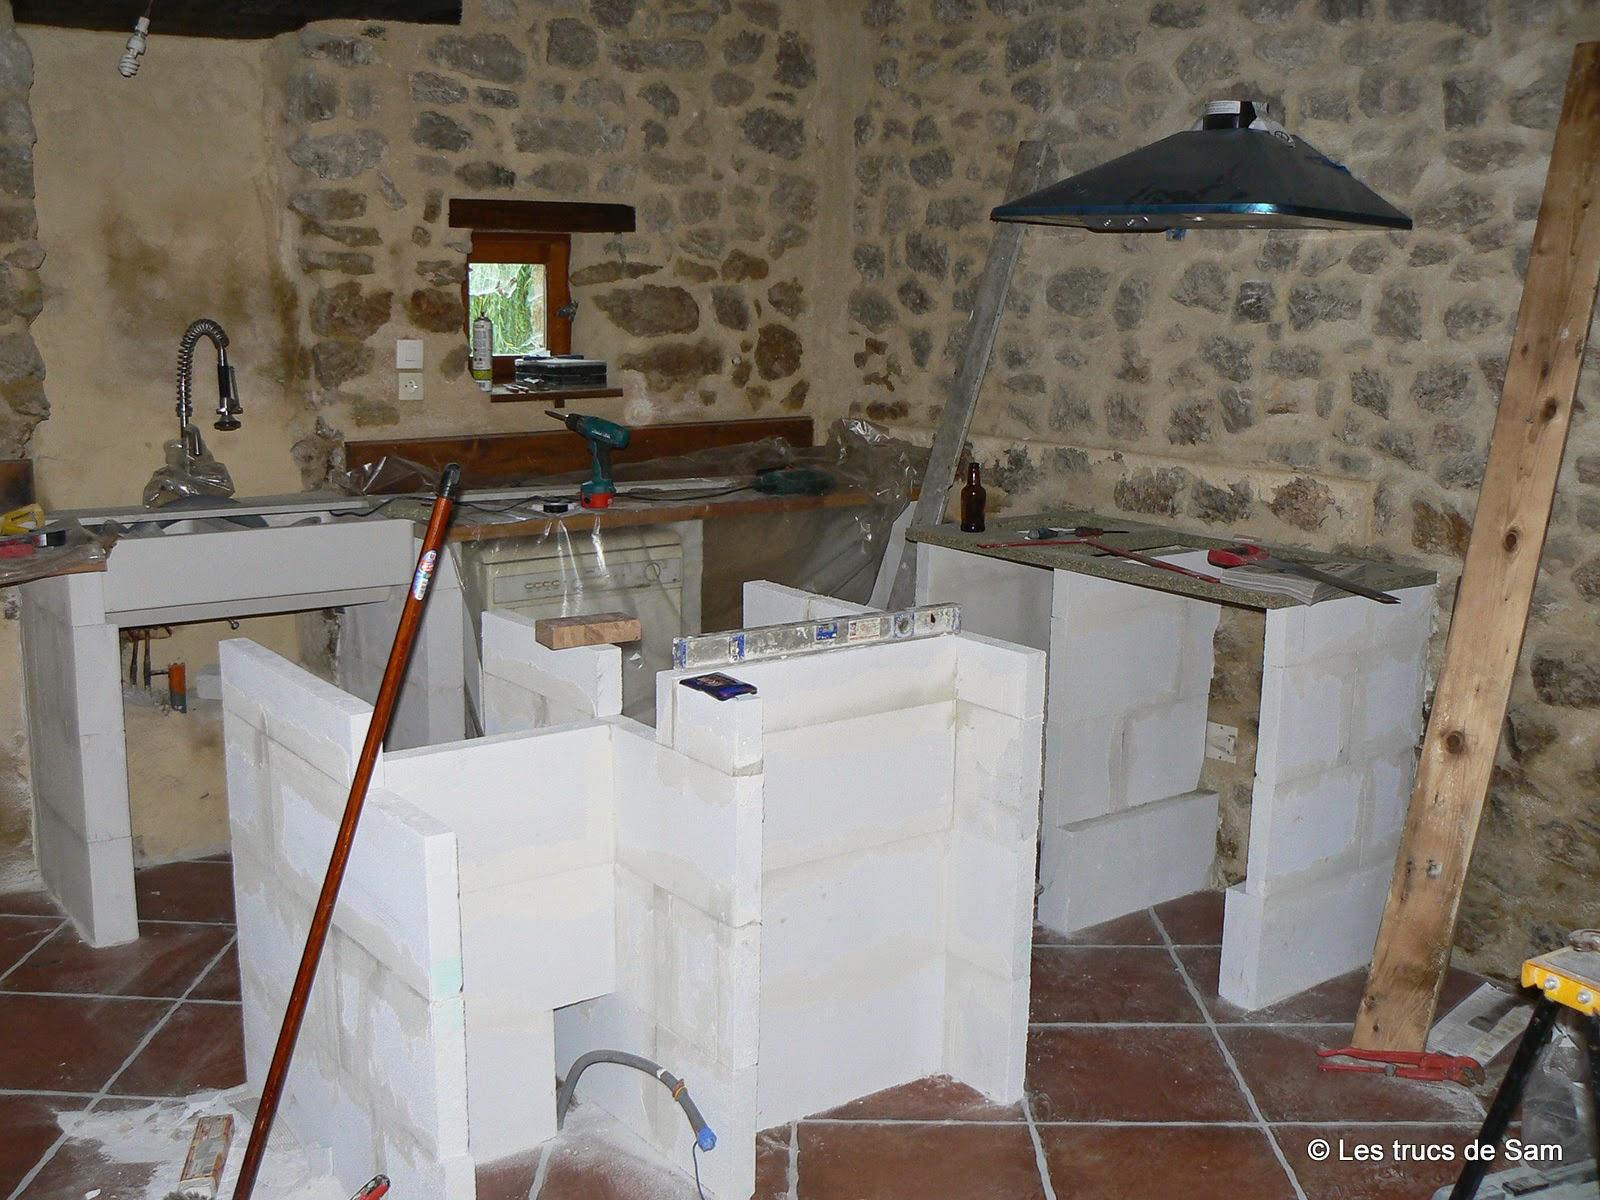 Cuisine Beton Cellulaire Amazing Salle De Bain Avec Meuble  # Meuble Siporex Cuisine